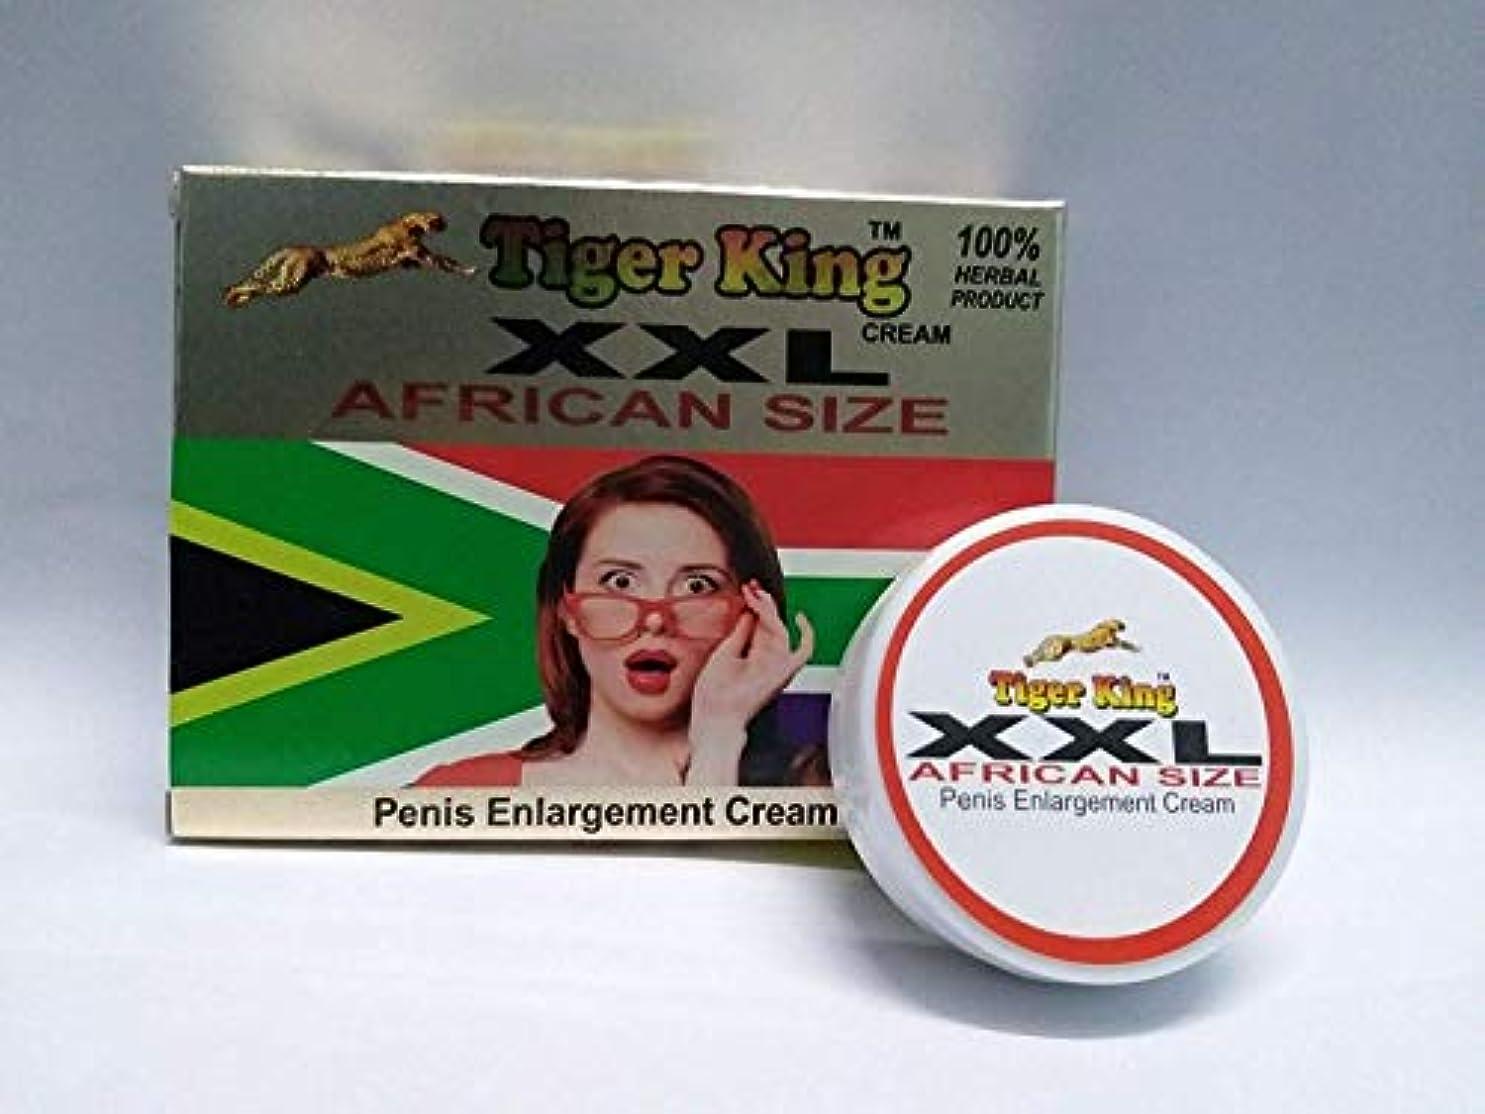 赤ちゃんモバイルマイルHerbal XXL African size 25 gram Penis Enlargement Cream Only For Men Herbal Cream 人のための草のXXLアフリカのサイズの陰茎の拡大クリームだけ